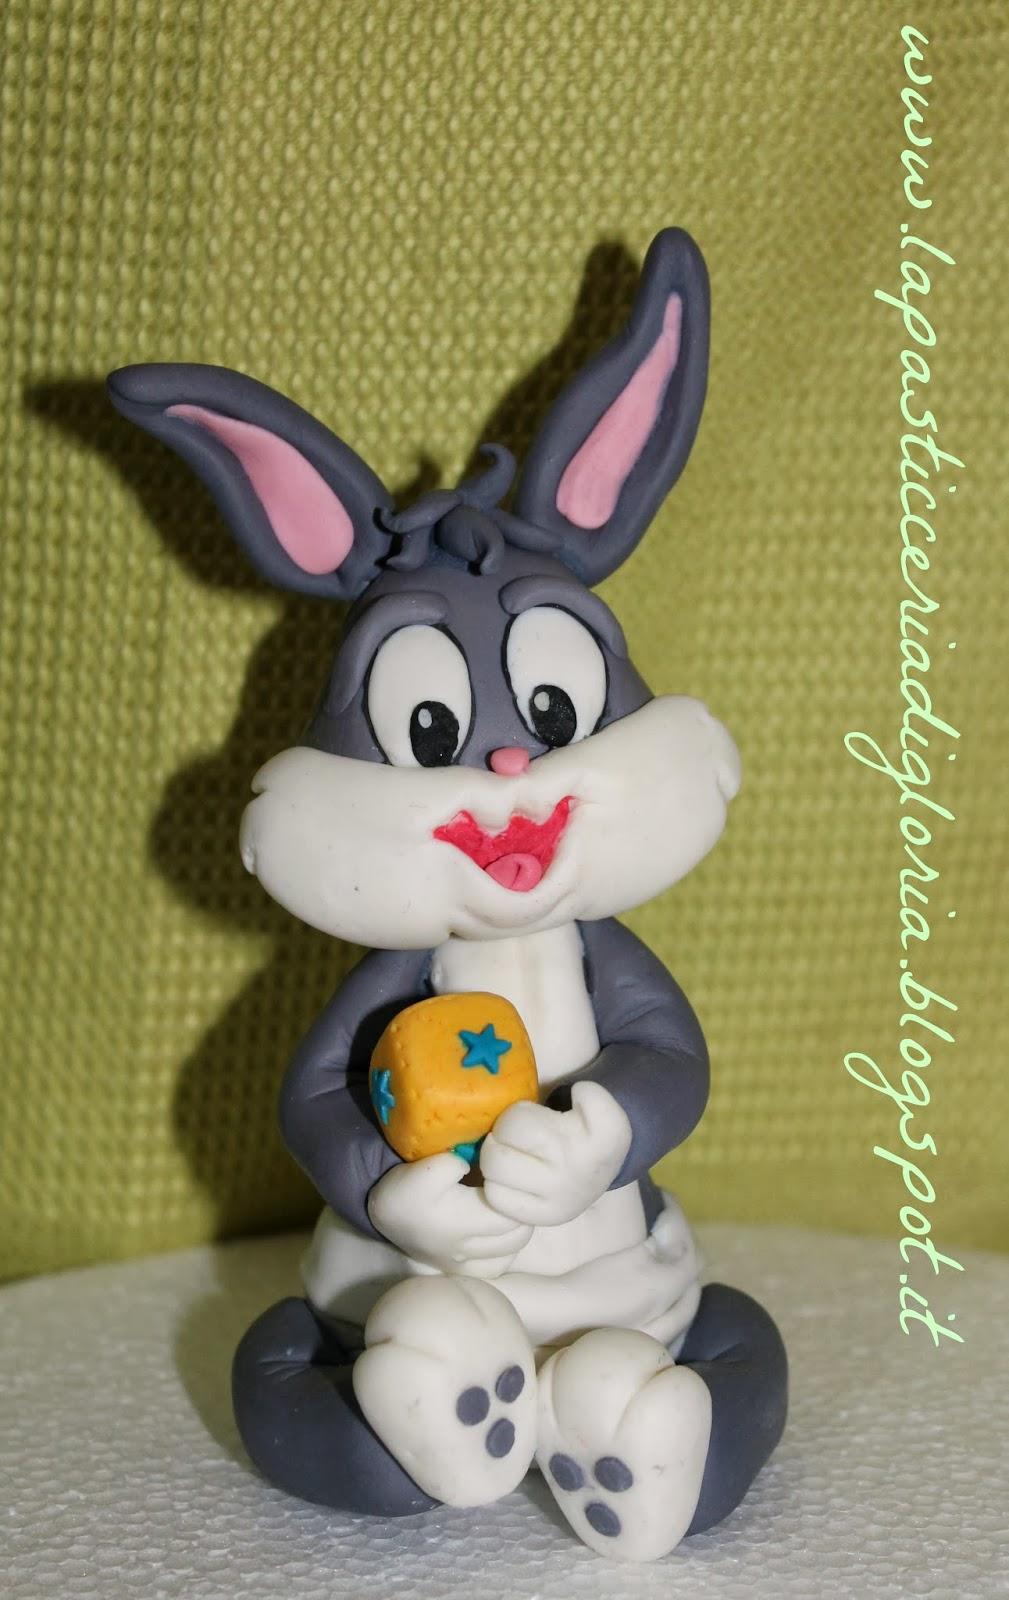 La pasticceria di gloria baby looney tunes - Bebe looney tunes ...